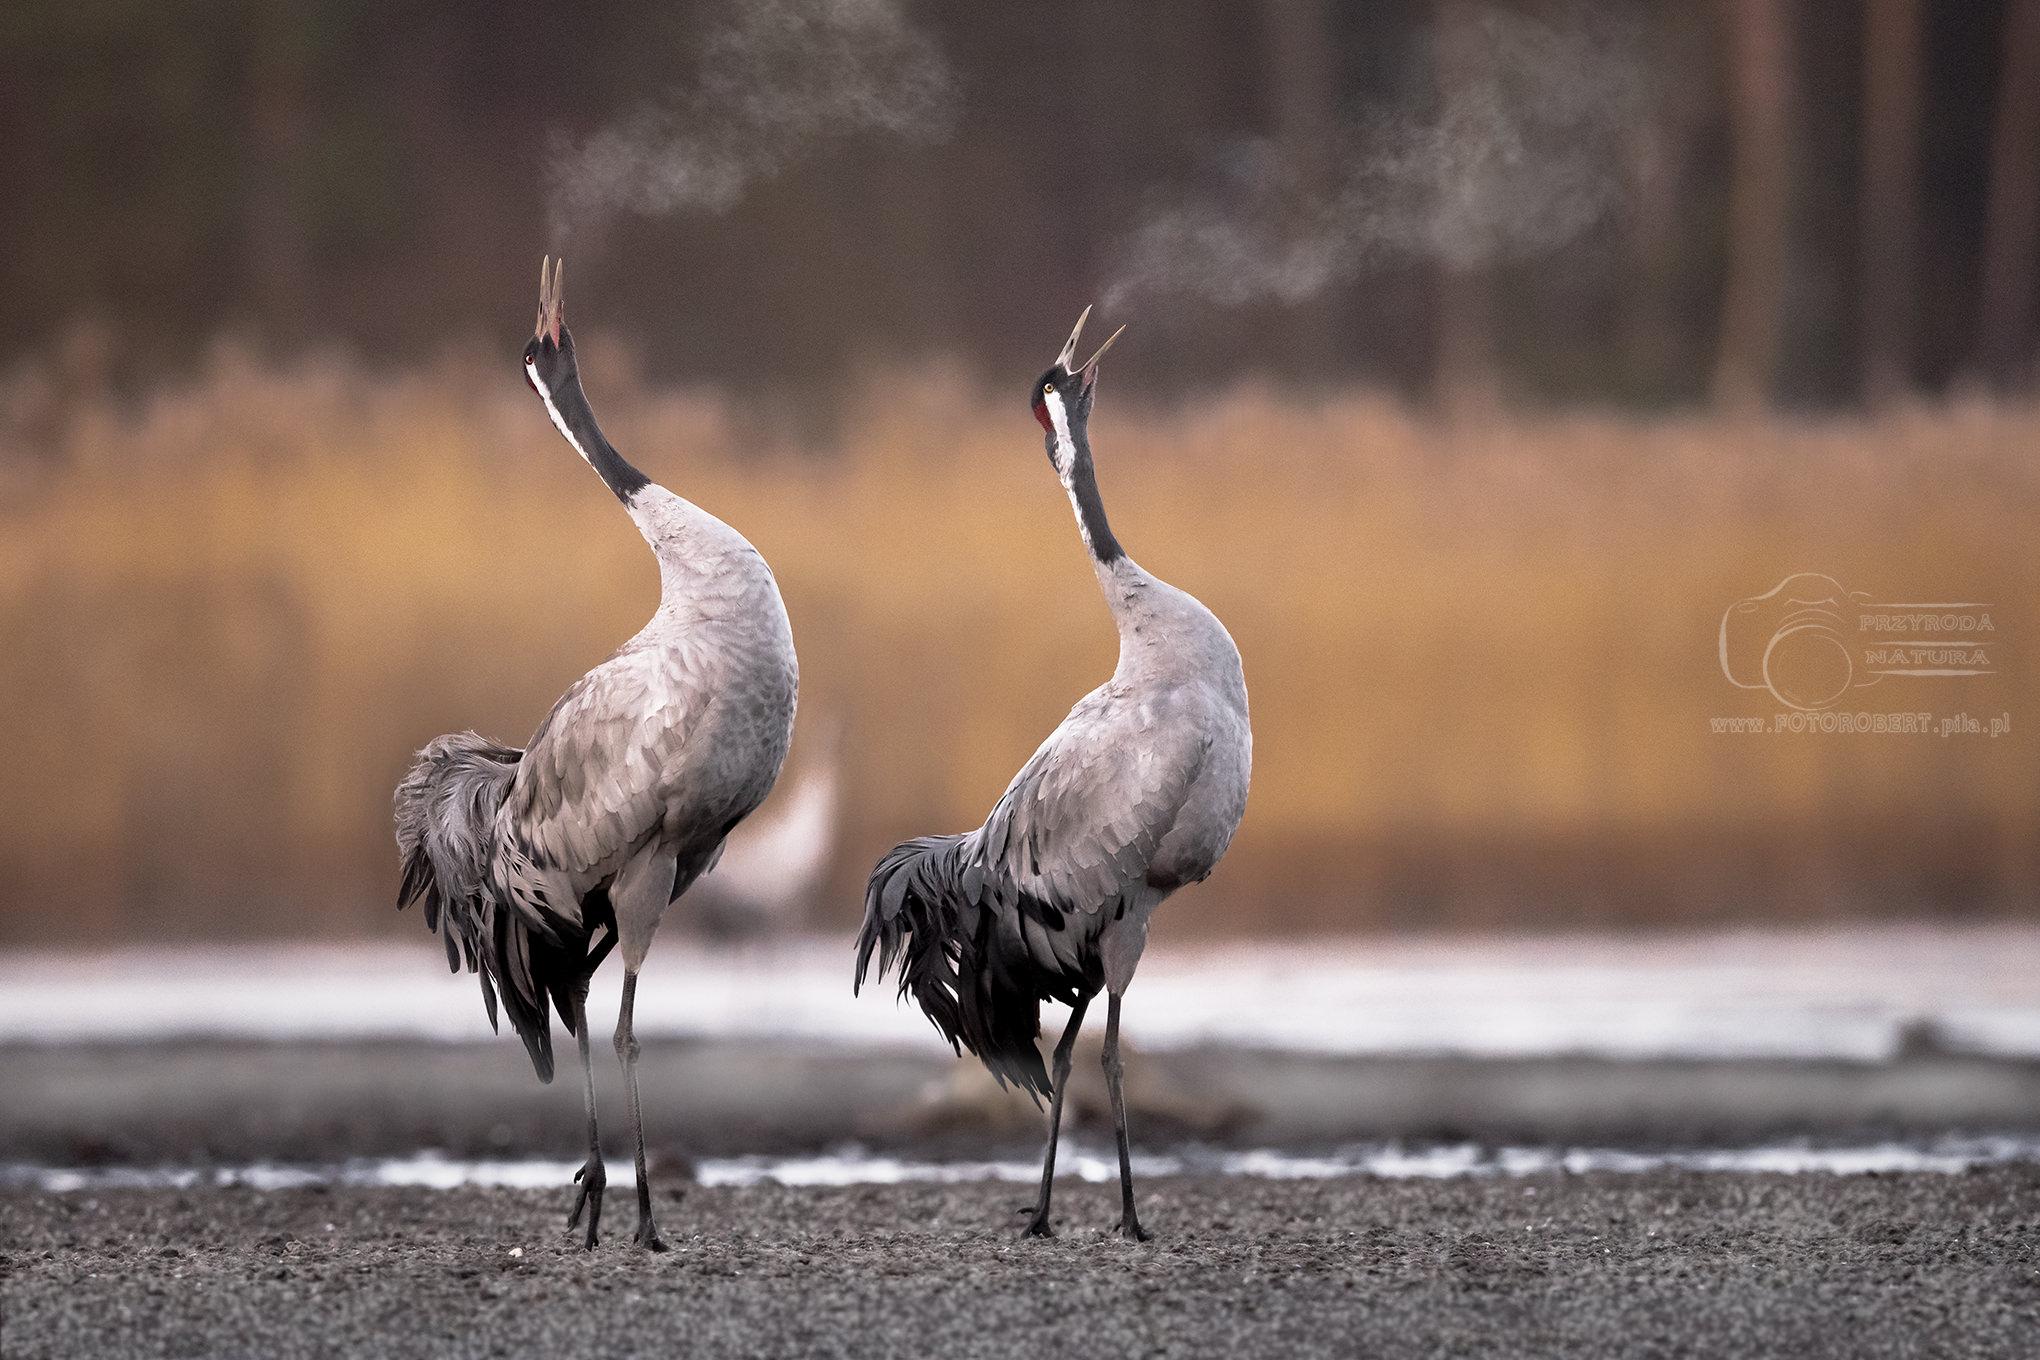 żurawie Ptak drapieżny fotografia przyrodnicza Piła